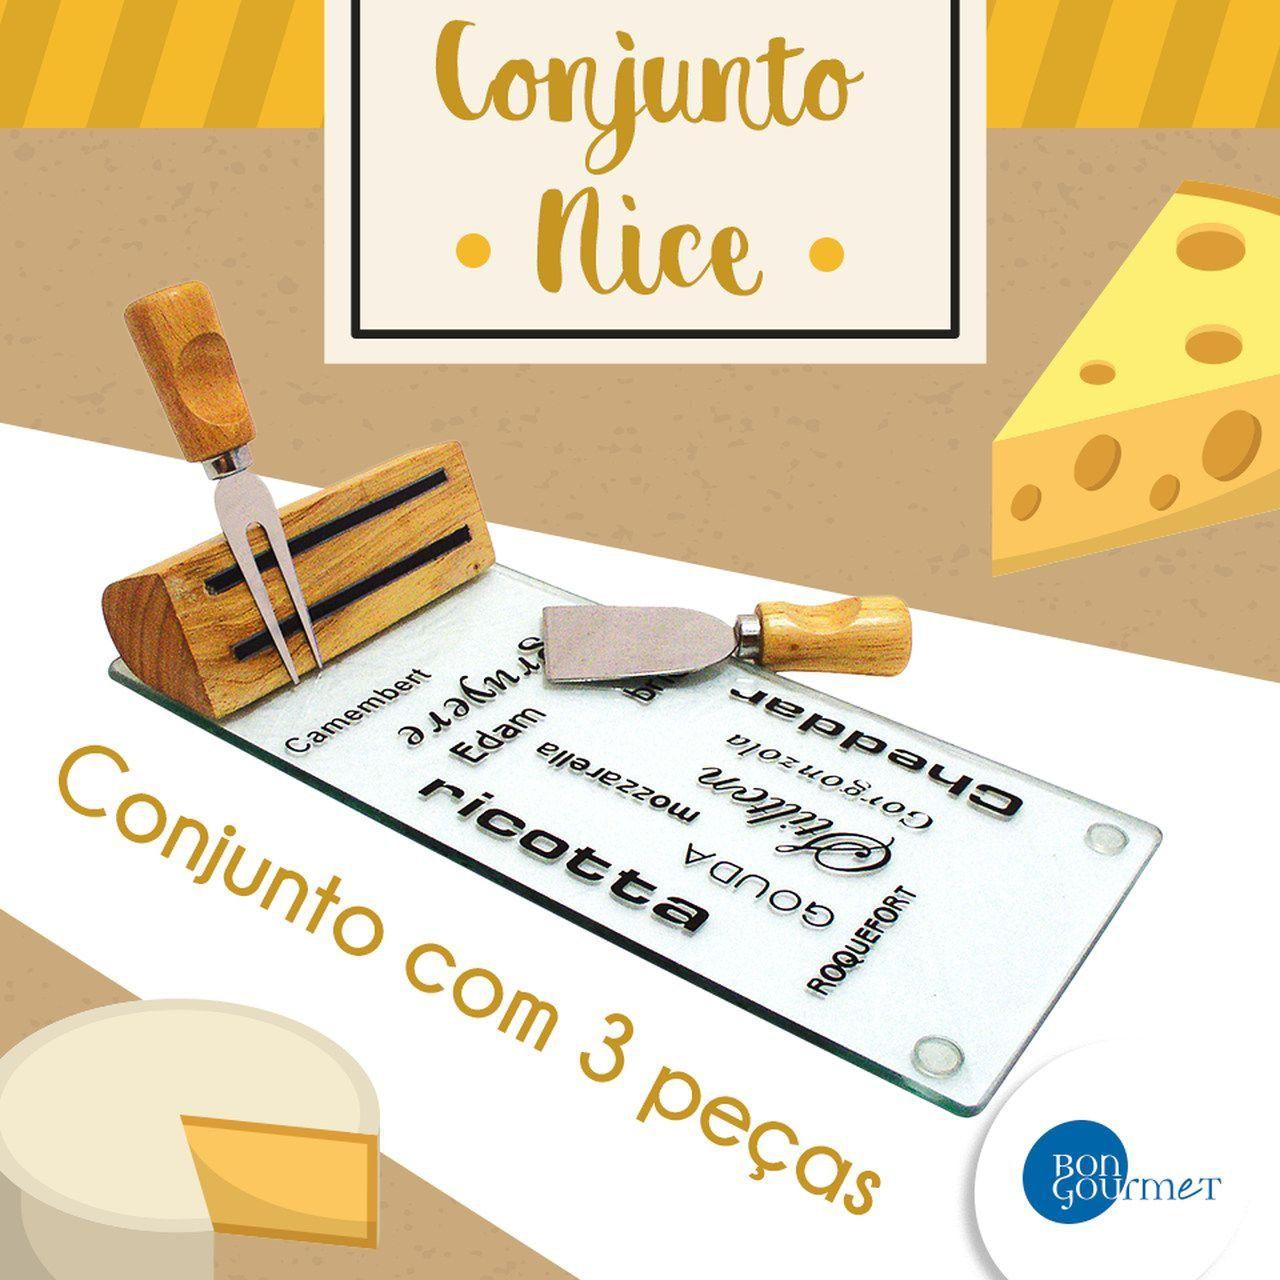 Kit 3 peças para queijo de vidro, madeira e aço inox Nice Bon Gourmet - 7850